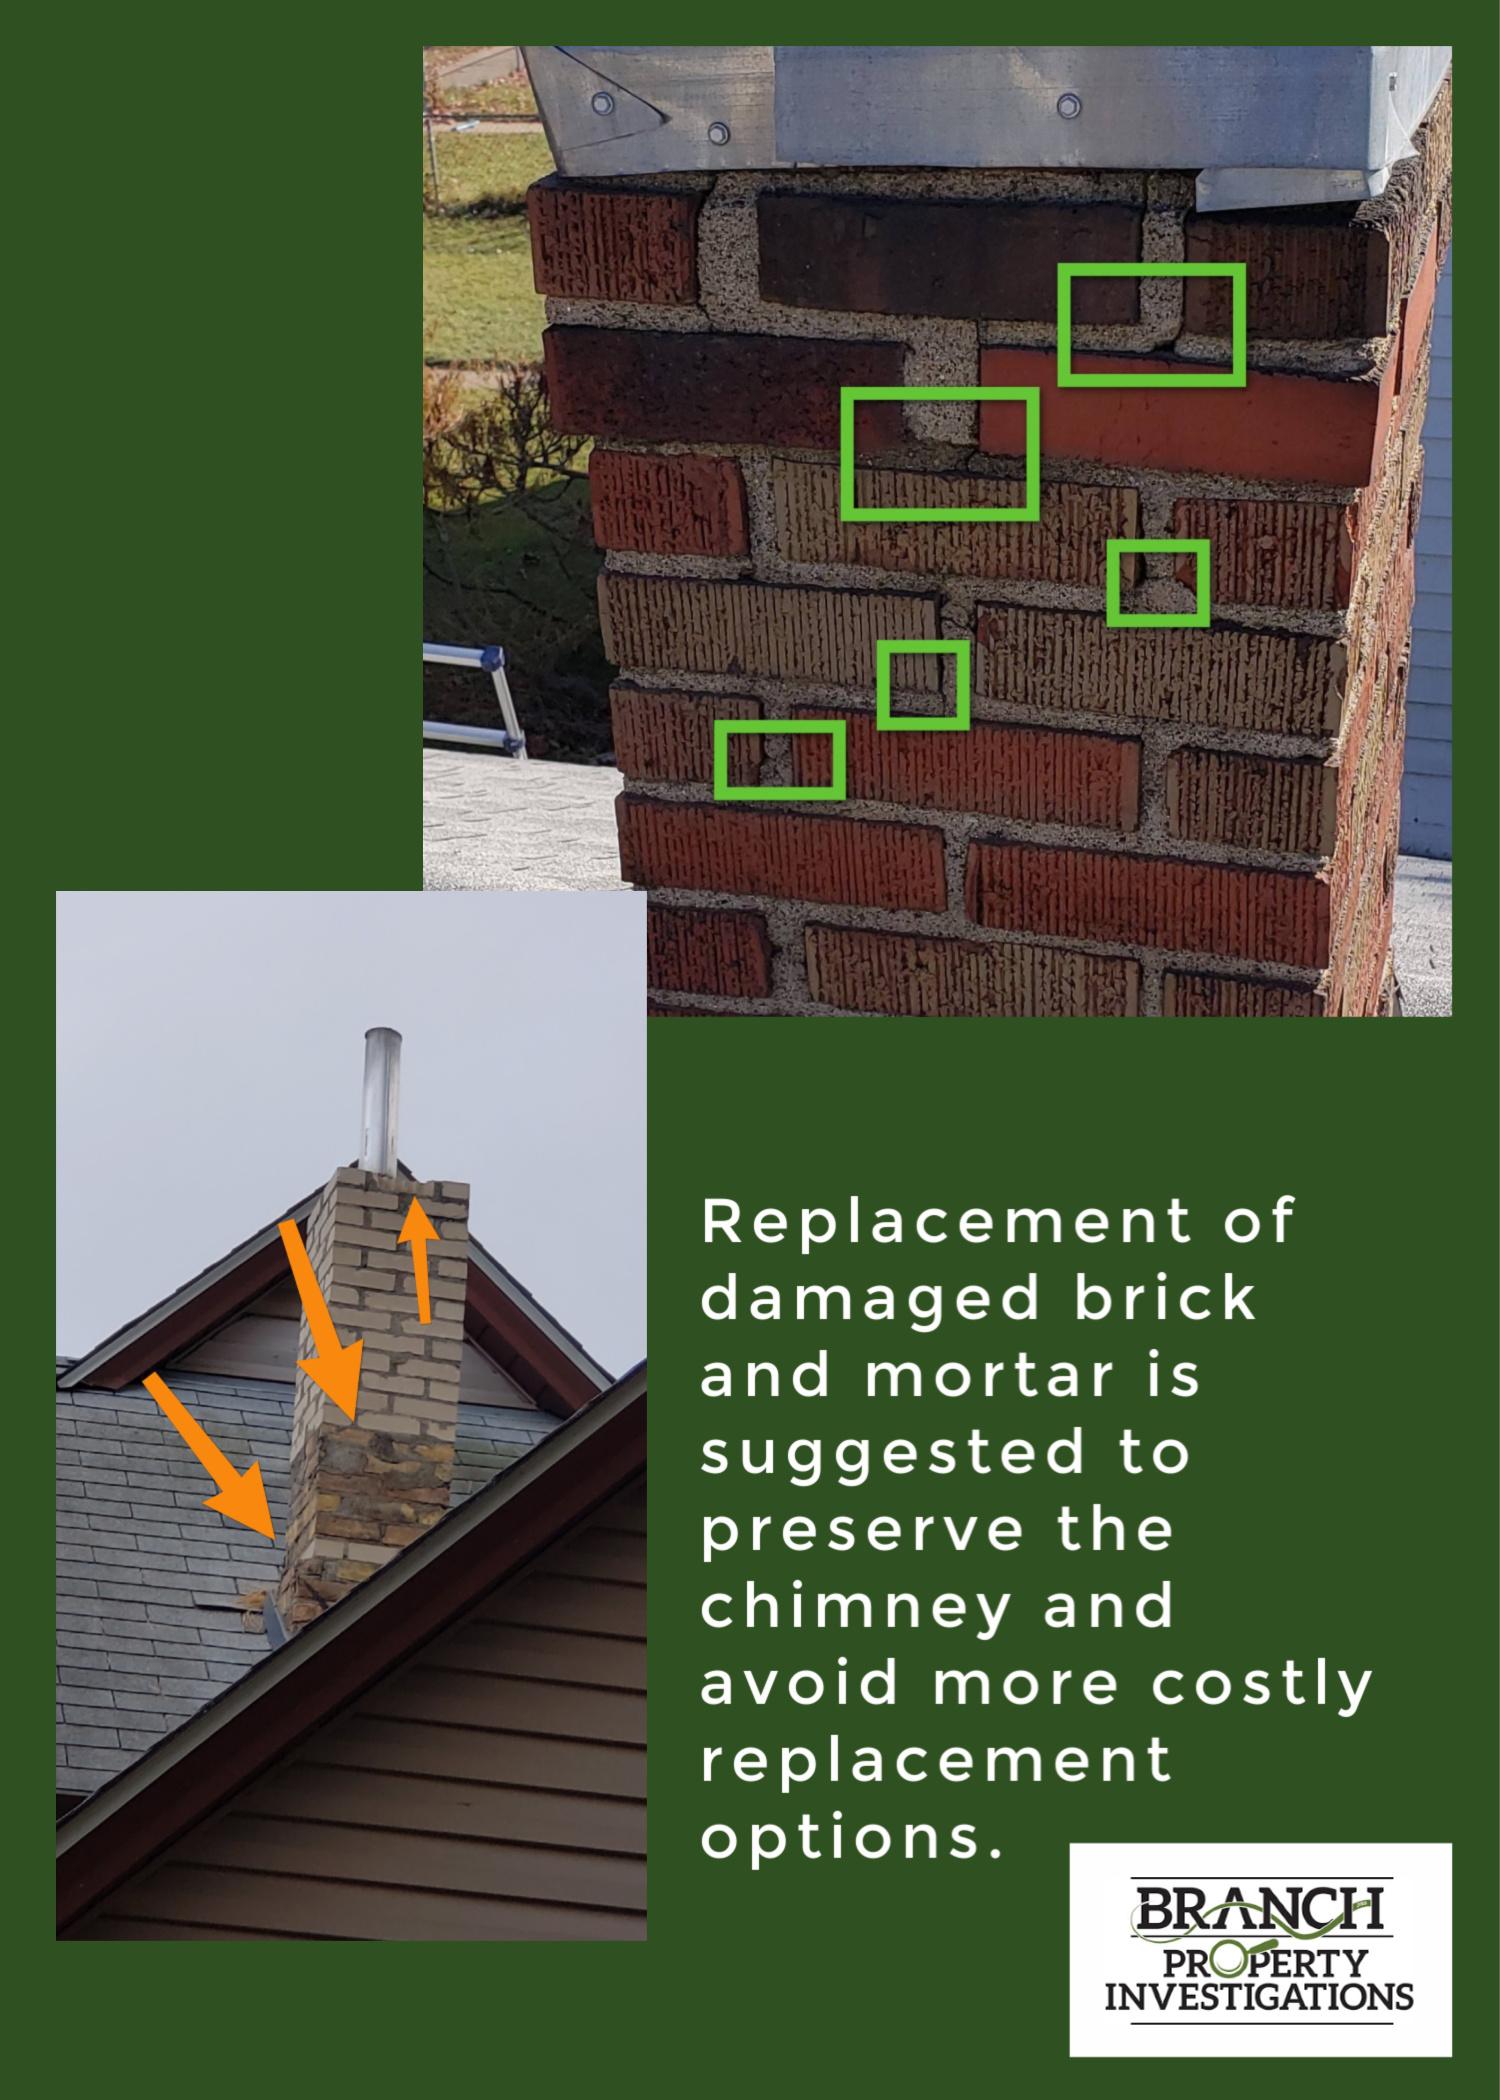 chimney brick and mortar